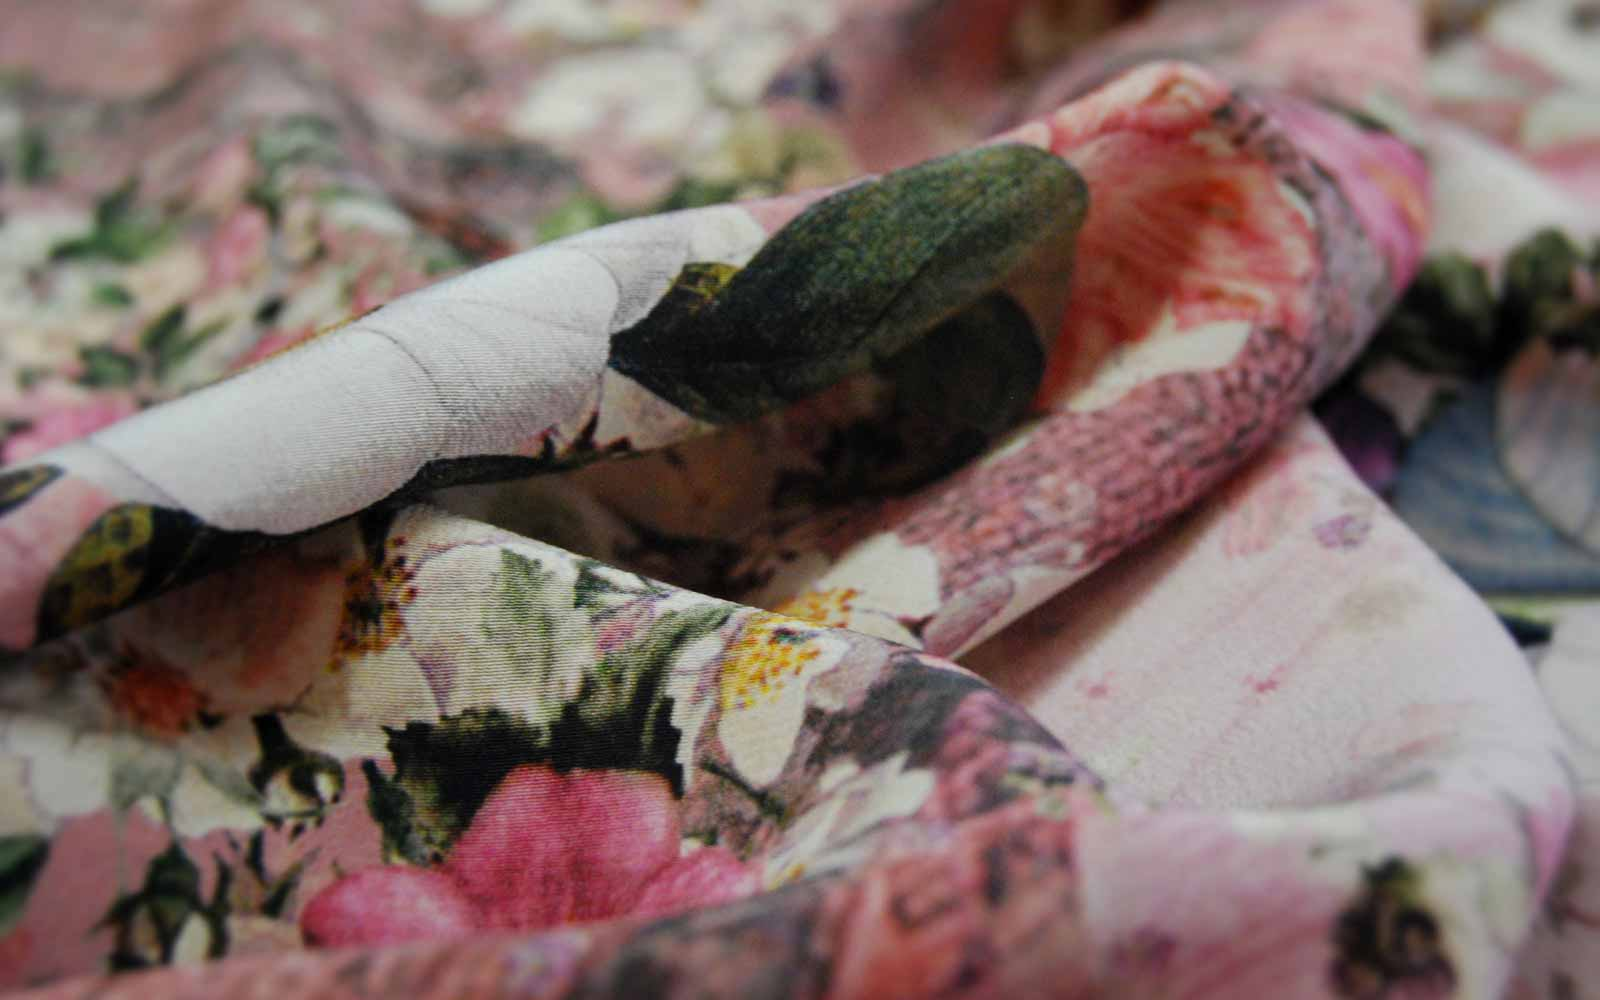 Home texitalia srl tessuti d 39 abbigliamento di alta moda for Tessuti arredamento on line